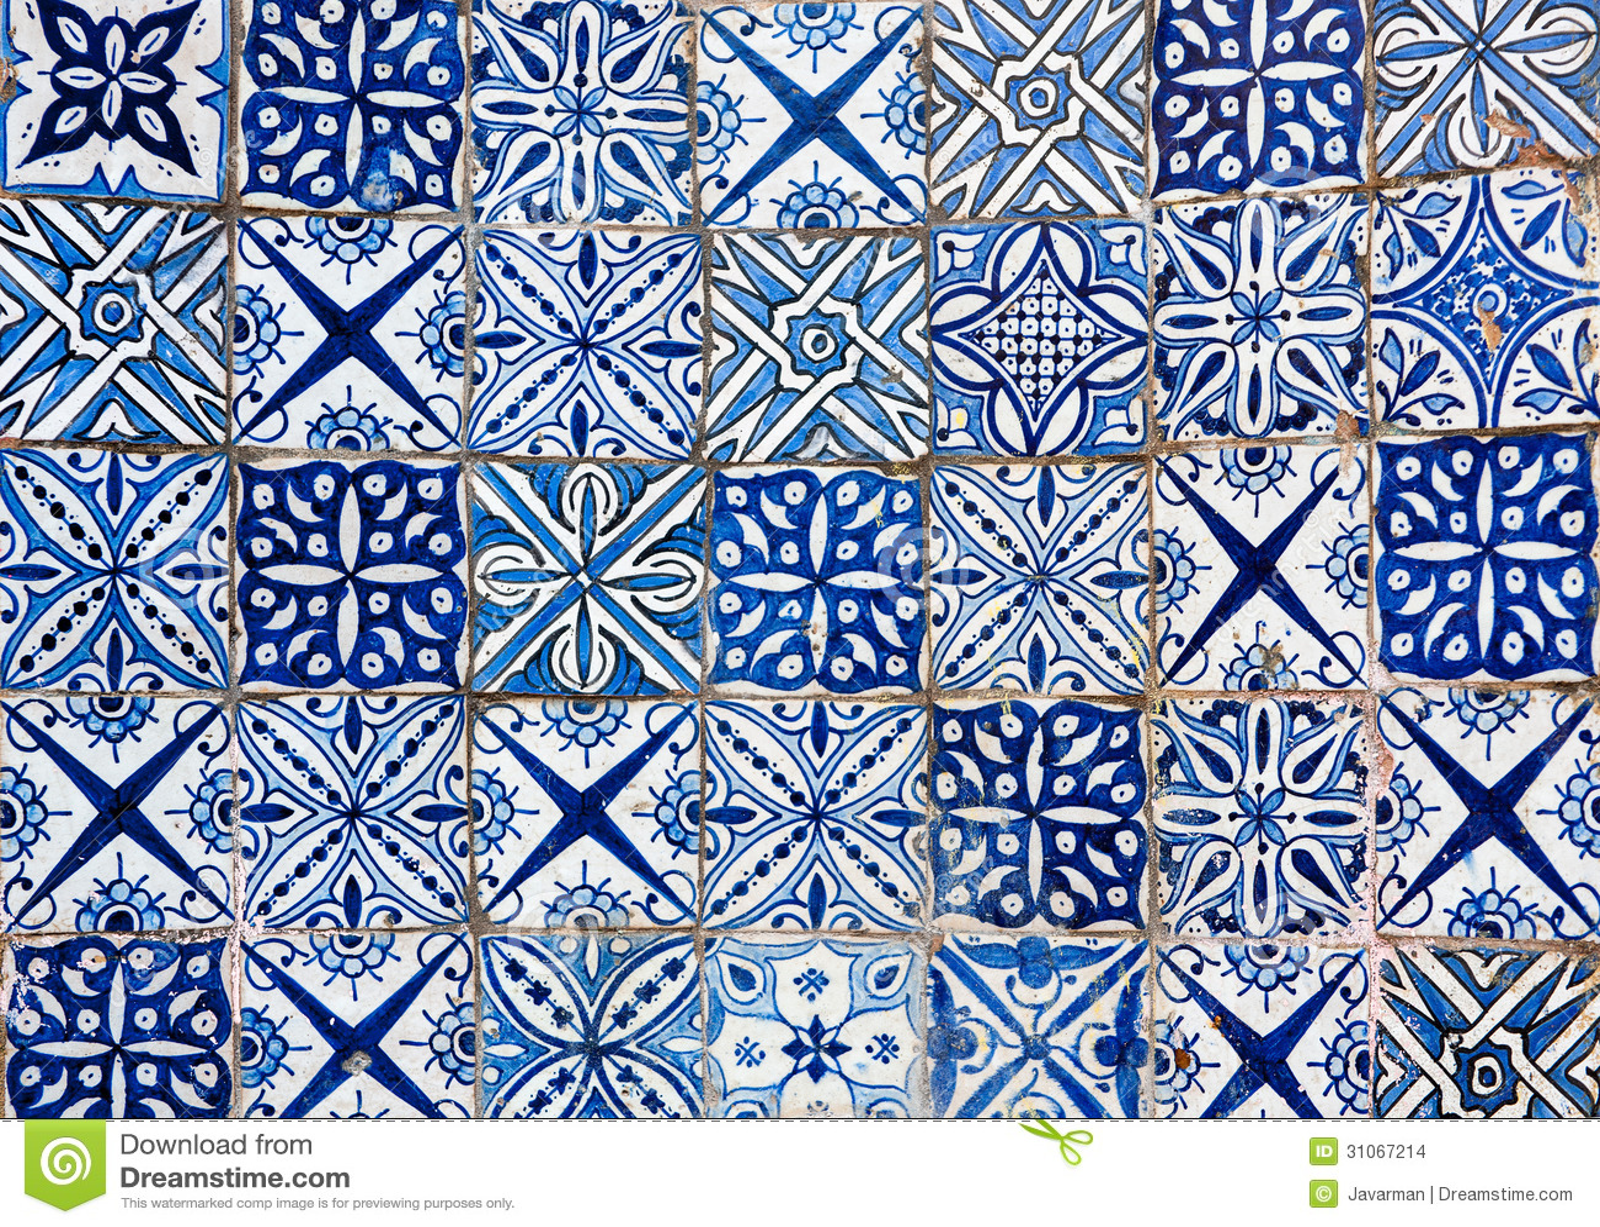 Moroccan Vintage Tile Background Illustration 31067214 - Megapixl